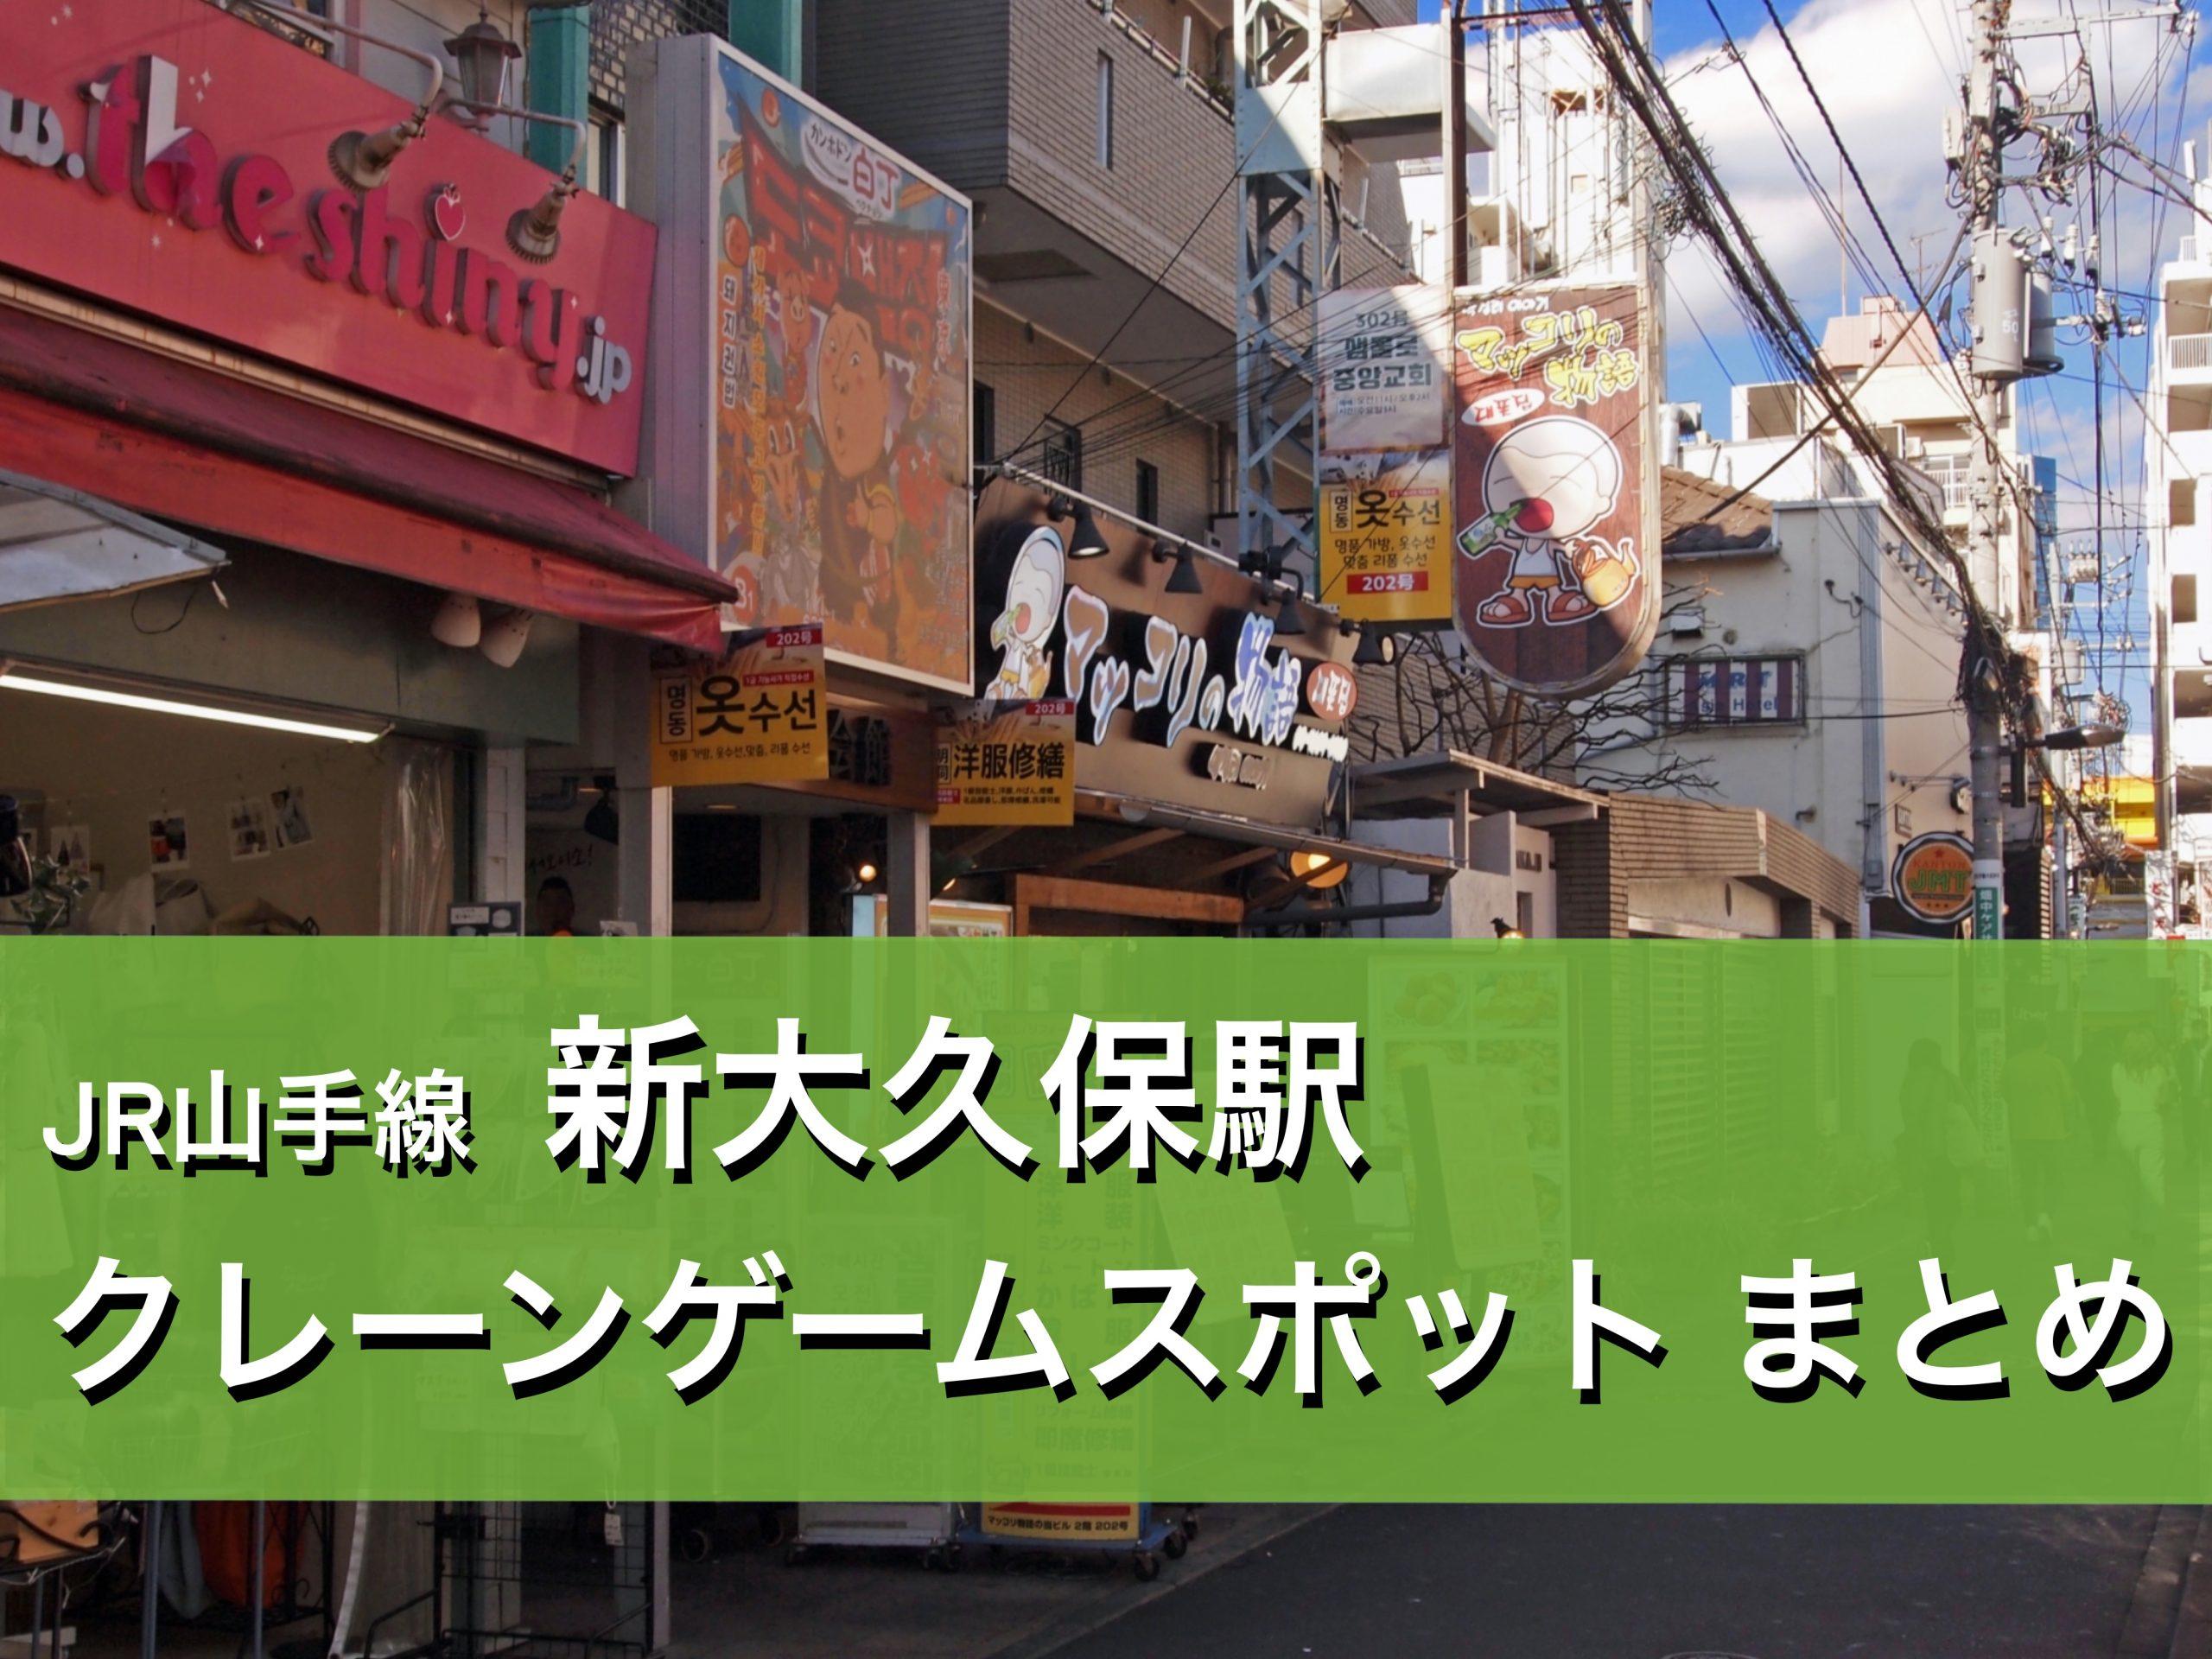 【新大久保駅】クレーンゲームができる場所